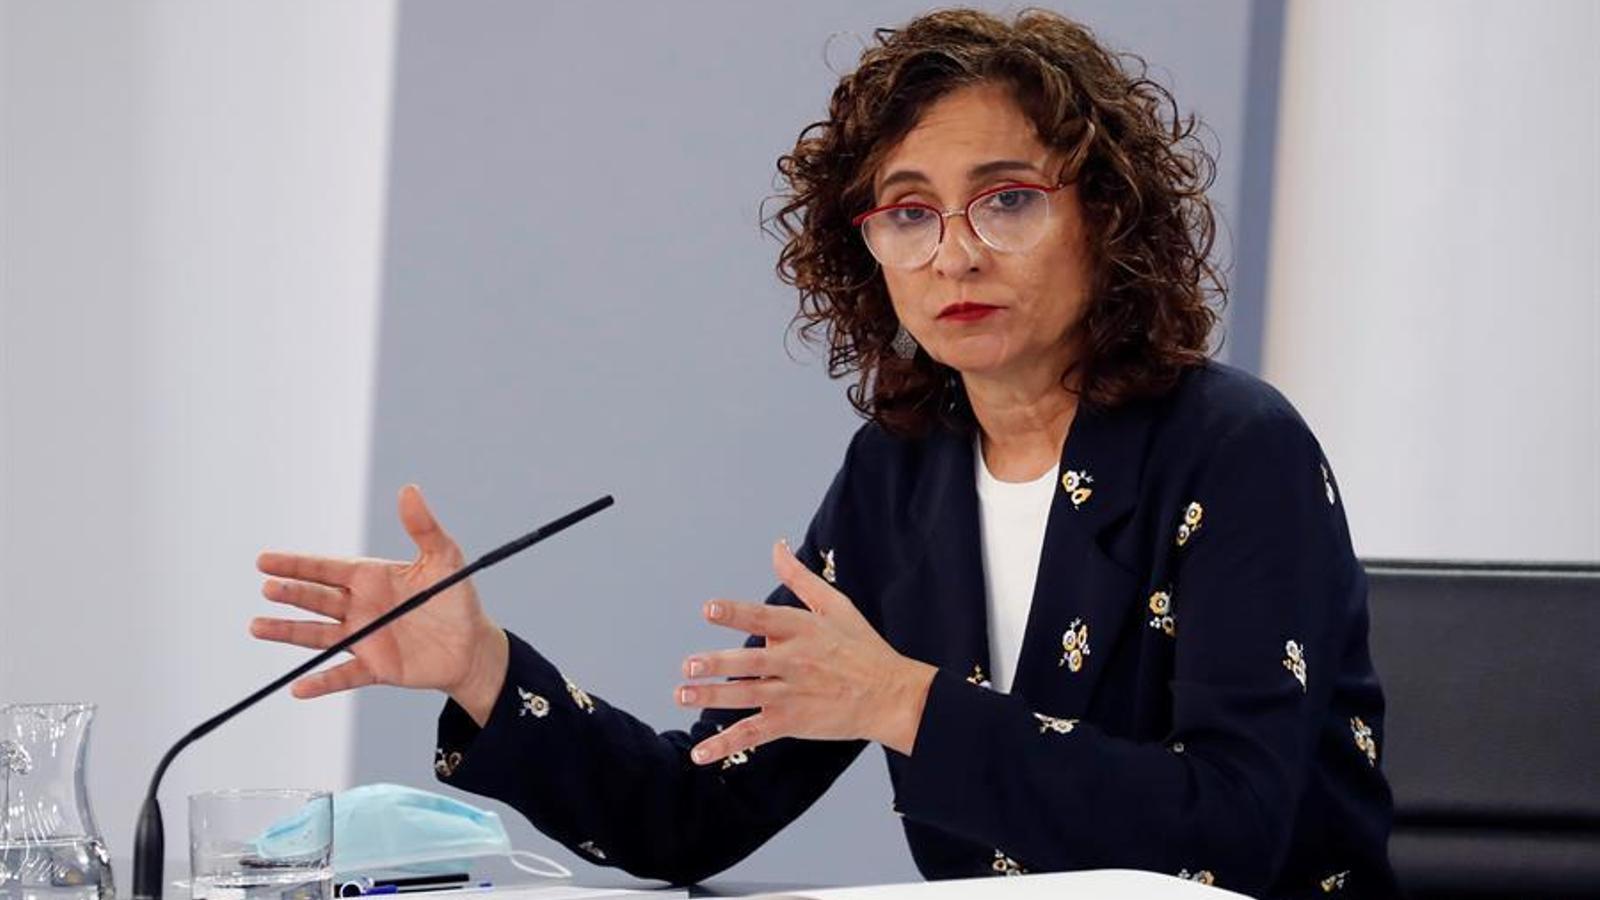 Hisenda permetrà als ajuntaments utilitzar 5.000 M€ del seu superàvit entre 2020 i 2021